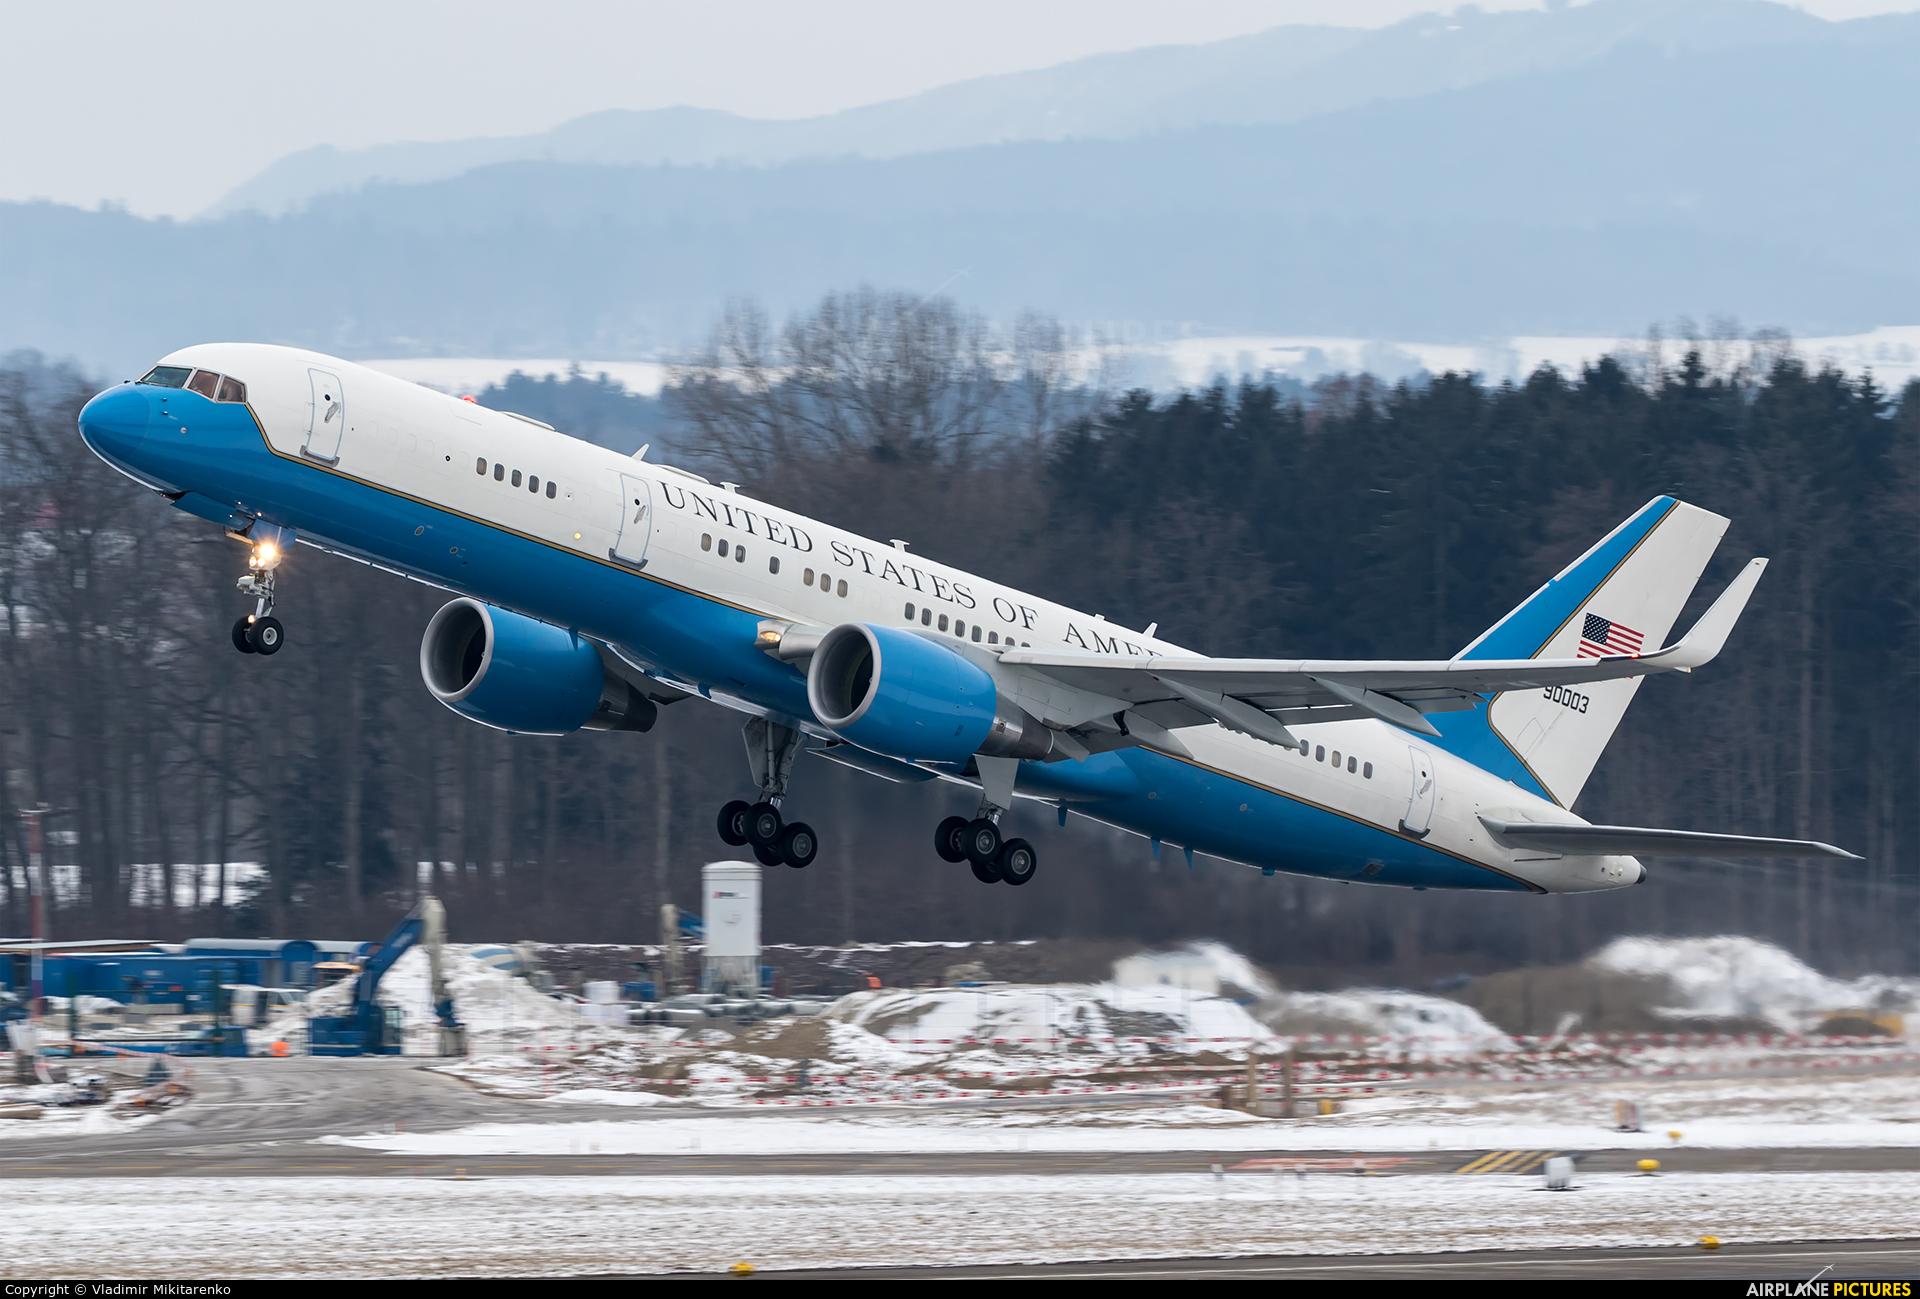 USA - Air Force 99-0003 aircraft at Zurich